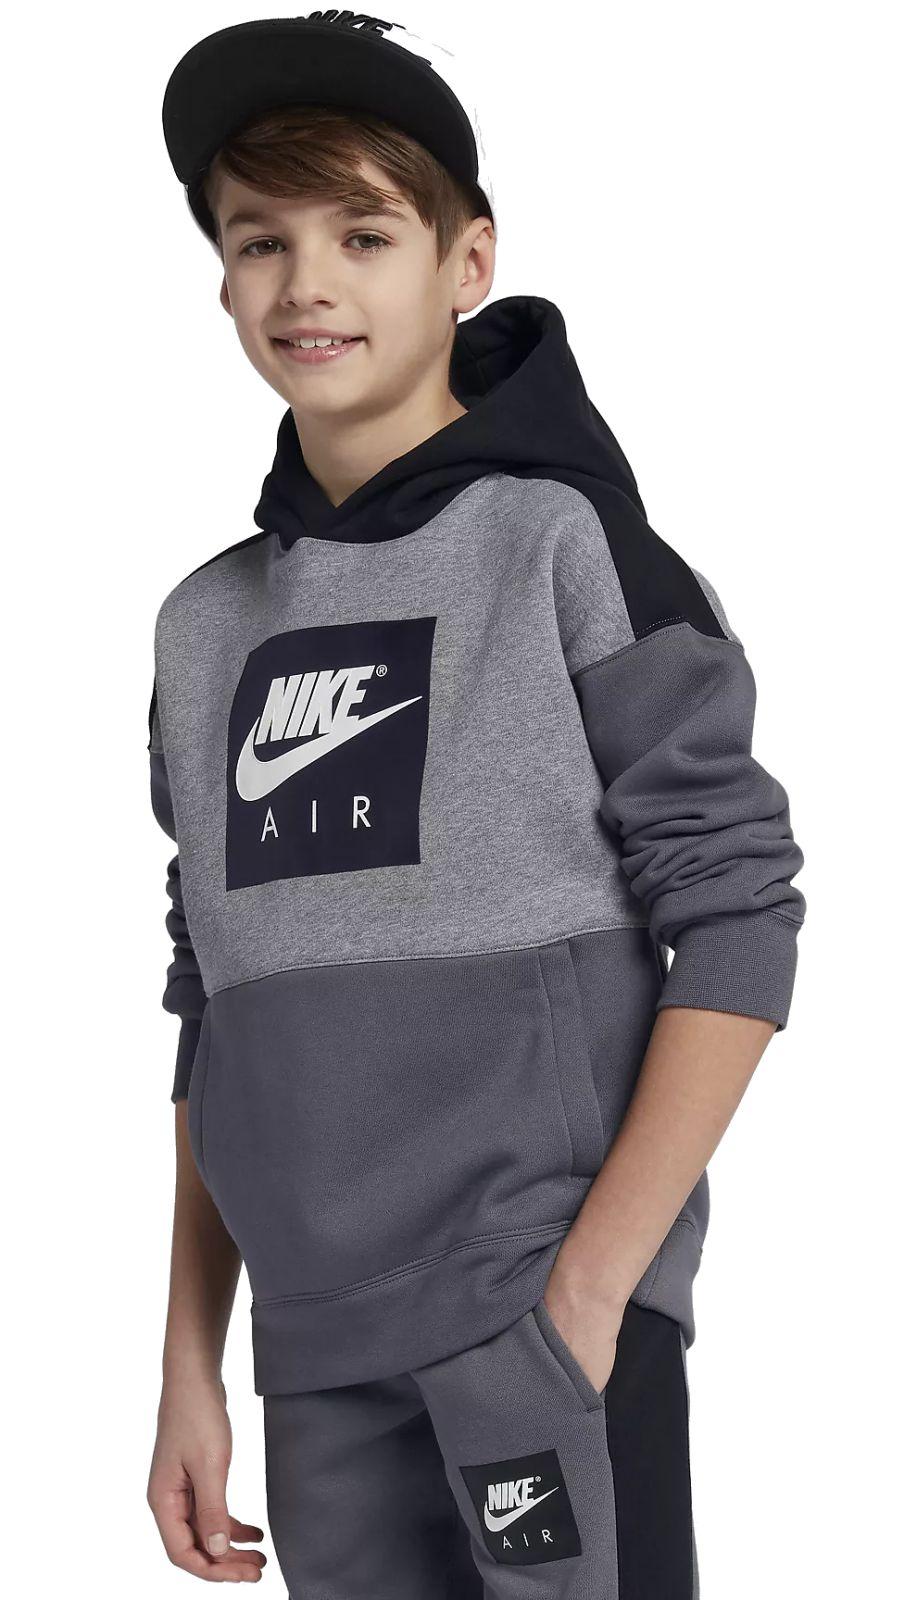 Der Nike Air Hoodie für ältere Kinder (Jungen) sorgt mit besonders weichem  Fleece-Material für warmen Tragekomfort in der Schule oder beim in der  Freizeit ... 217c0fd5f0